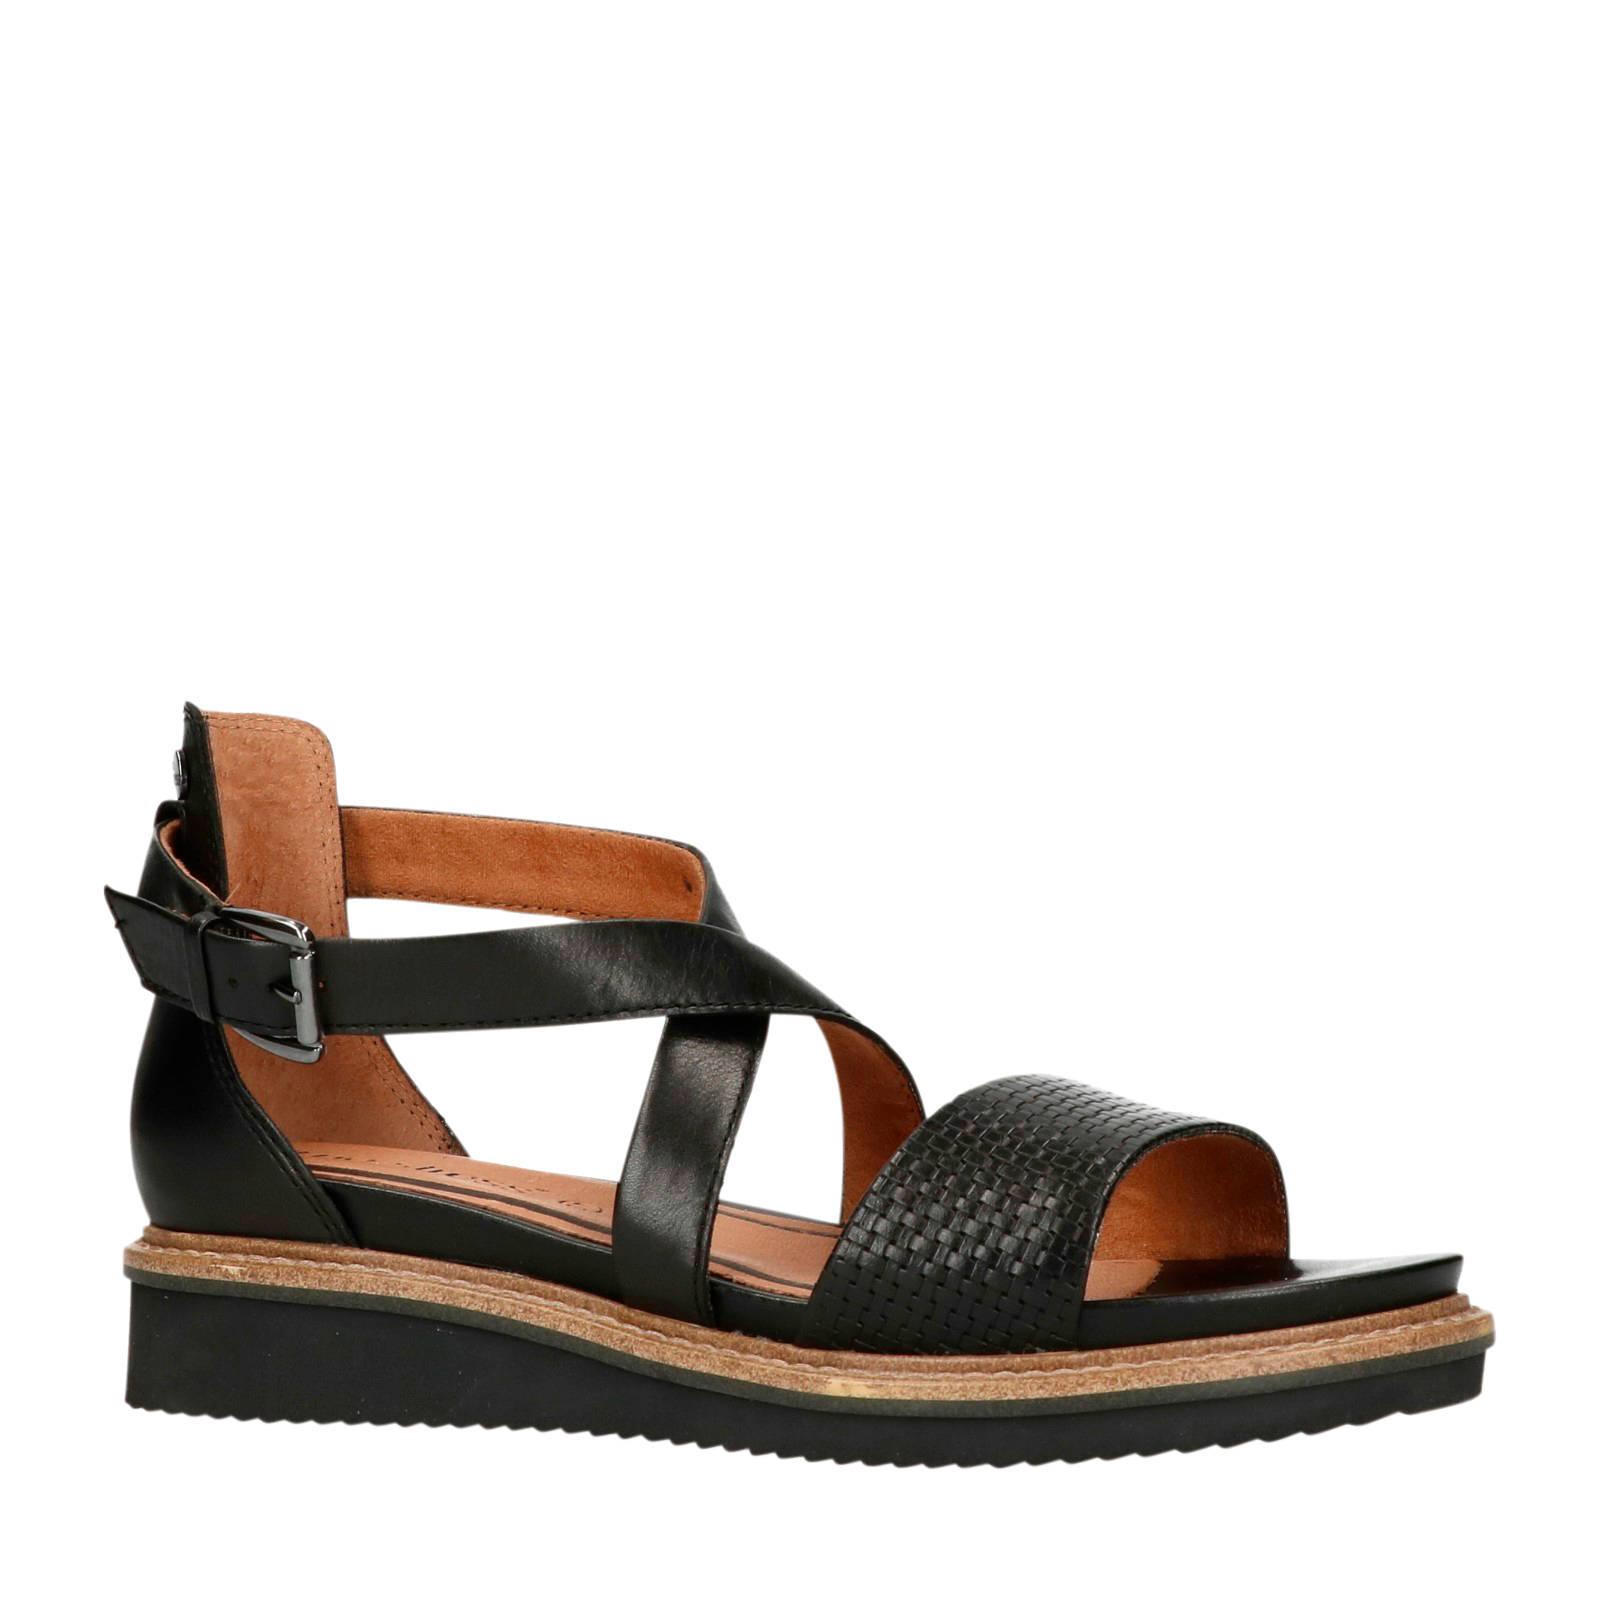 2ef0f6bd5ea3ff Dames sandalen bij wehkamp - Gratis bezorging vanaf 20.-